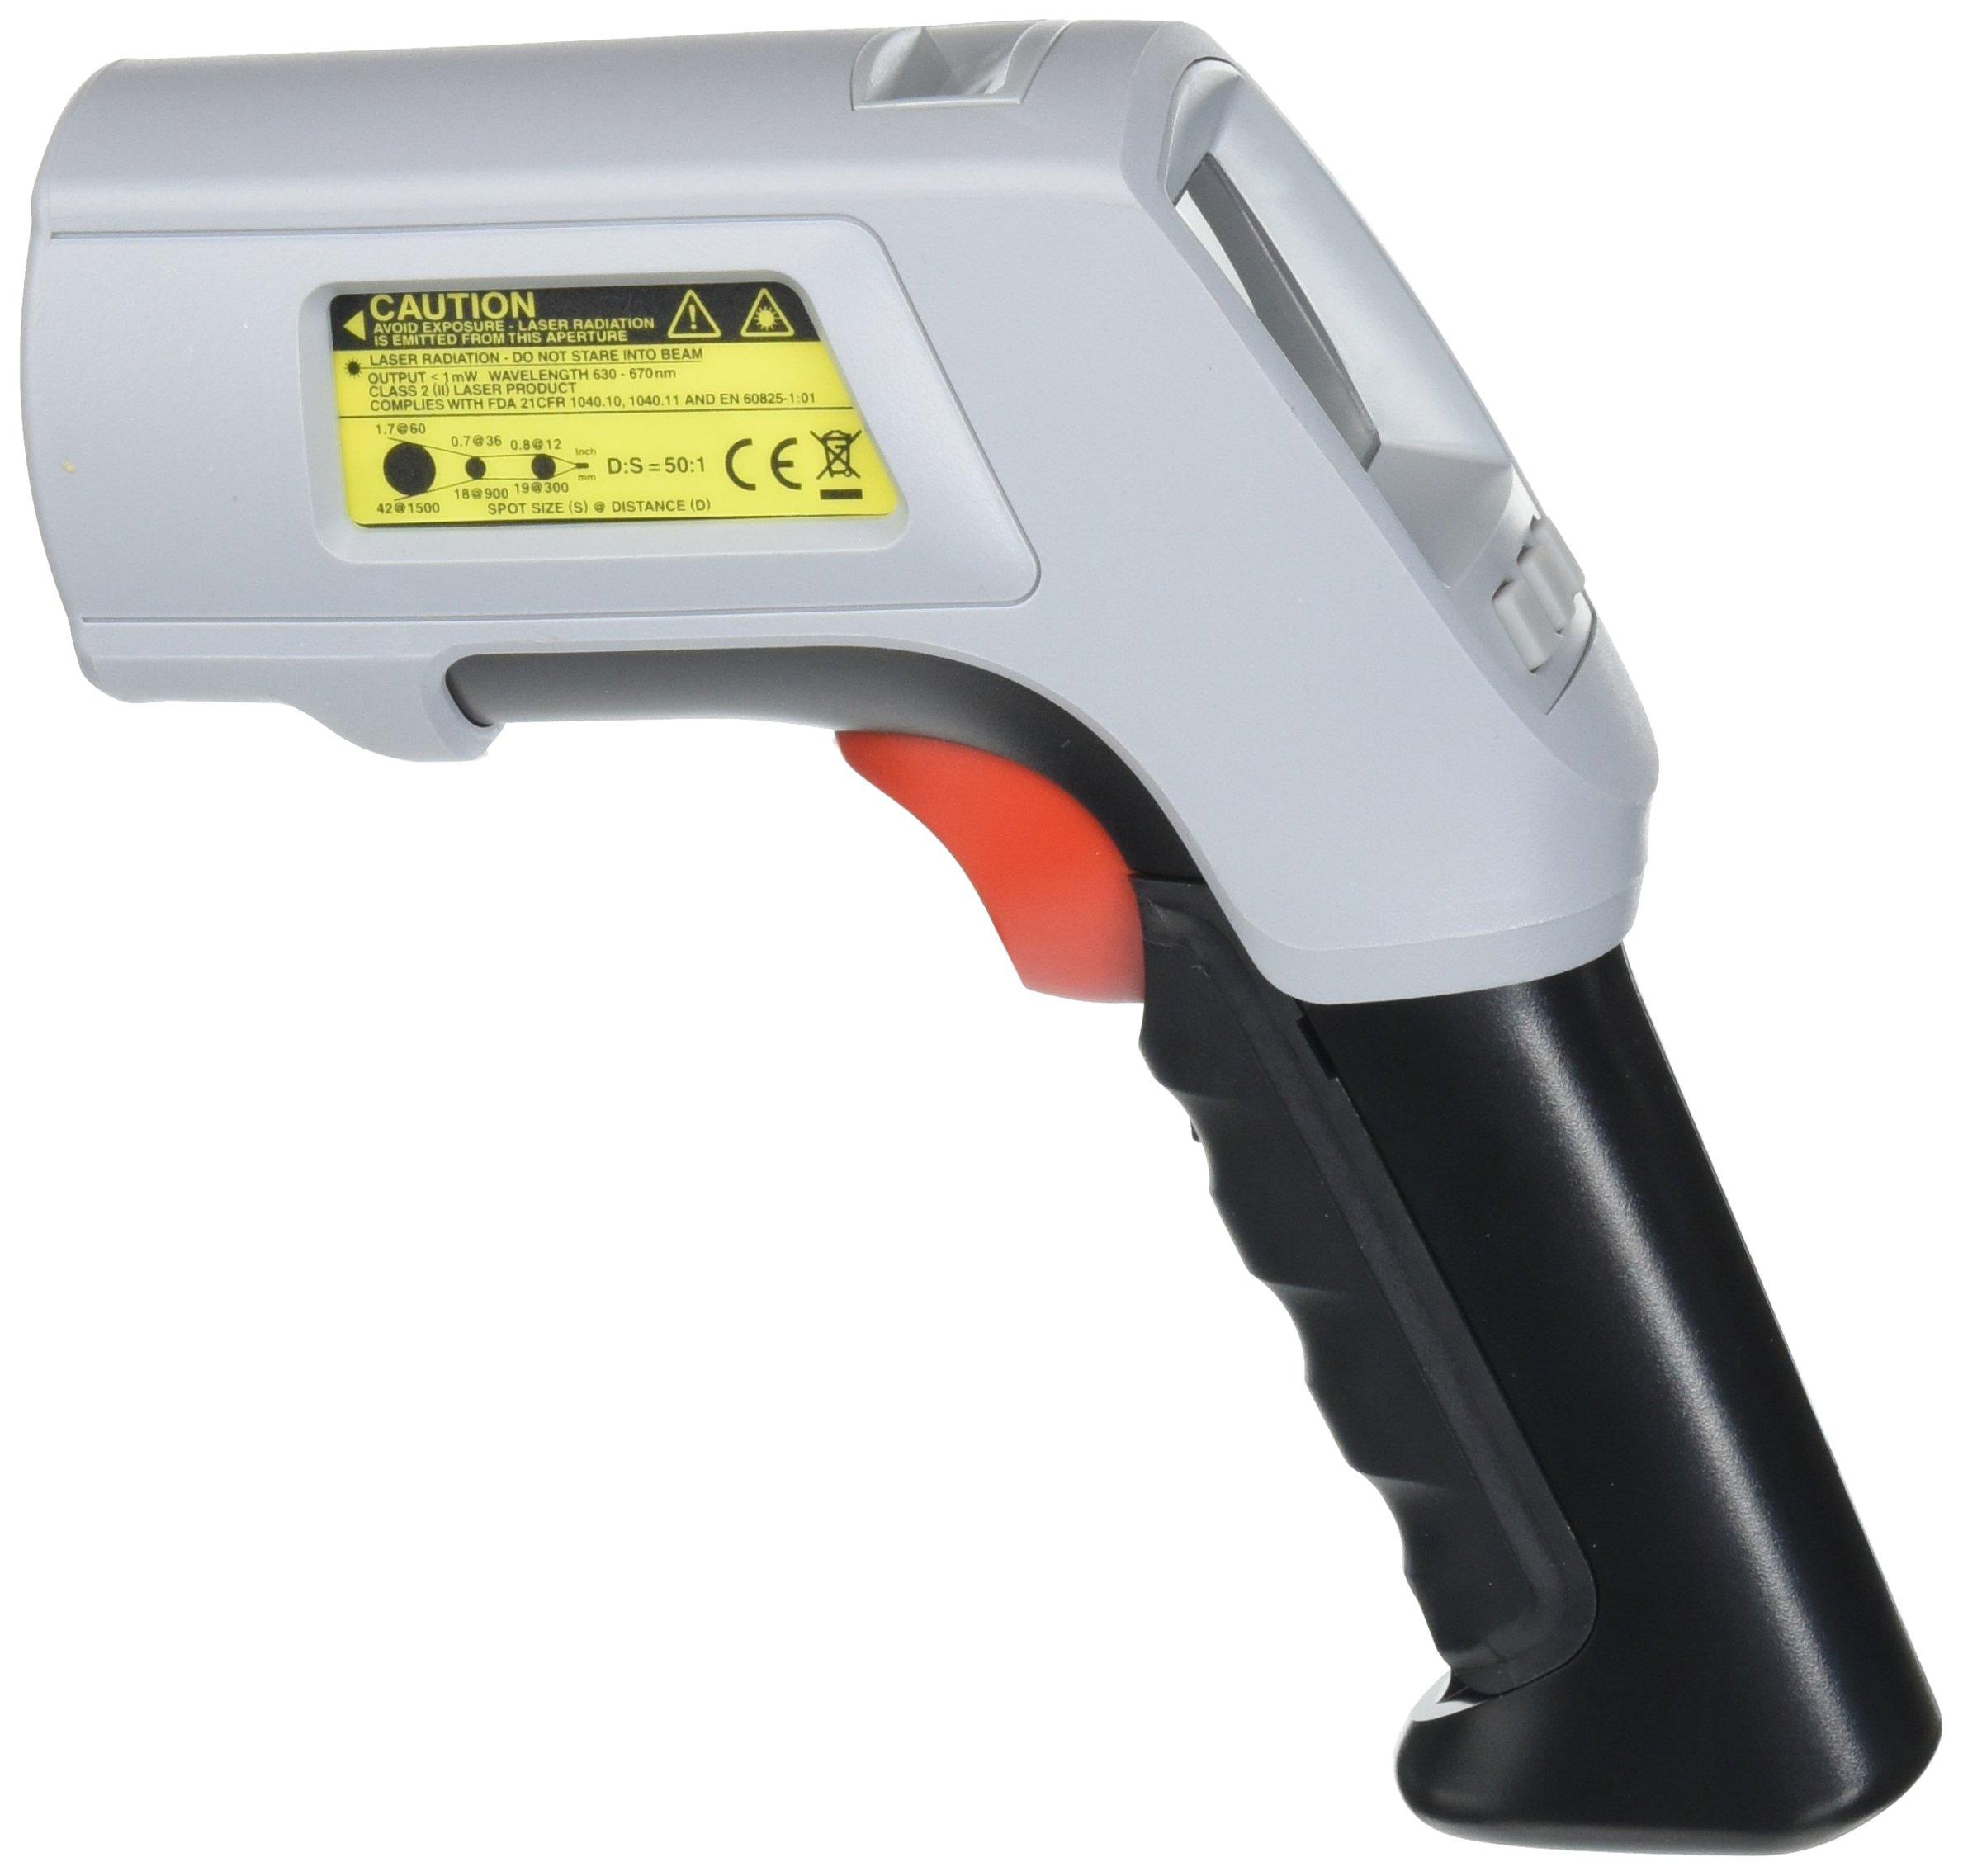 Raytek (RAYST81) Thermometer